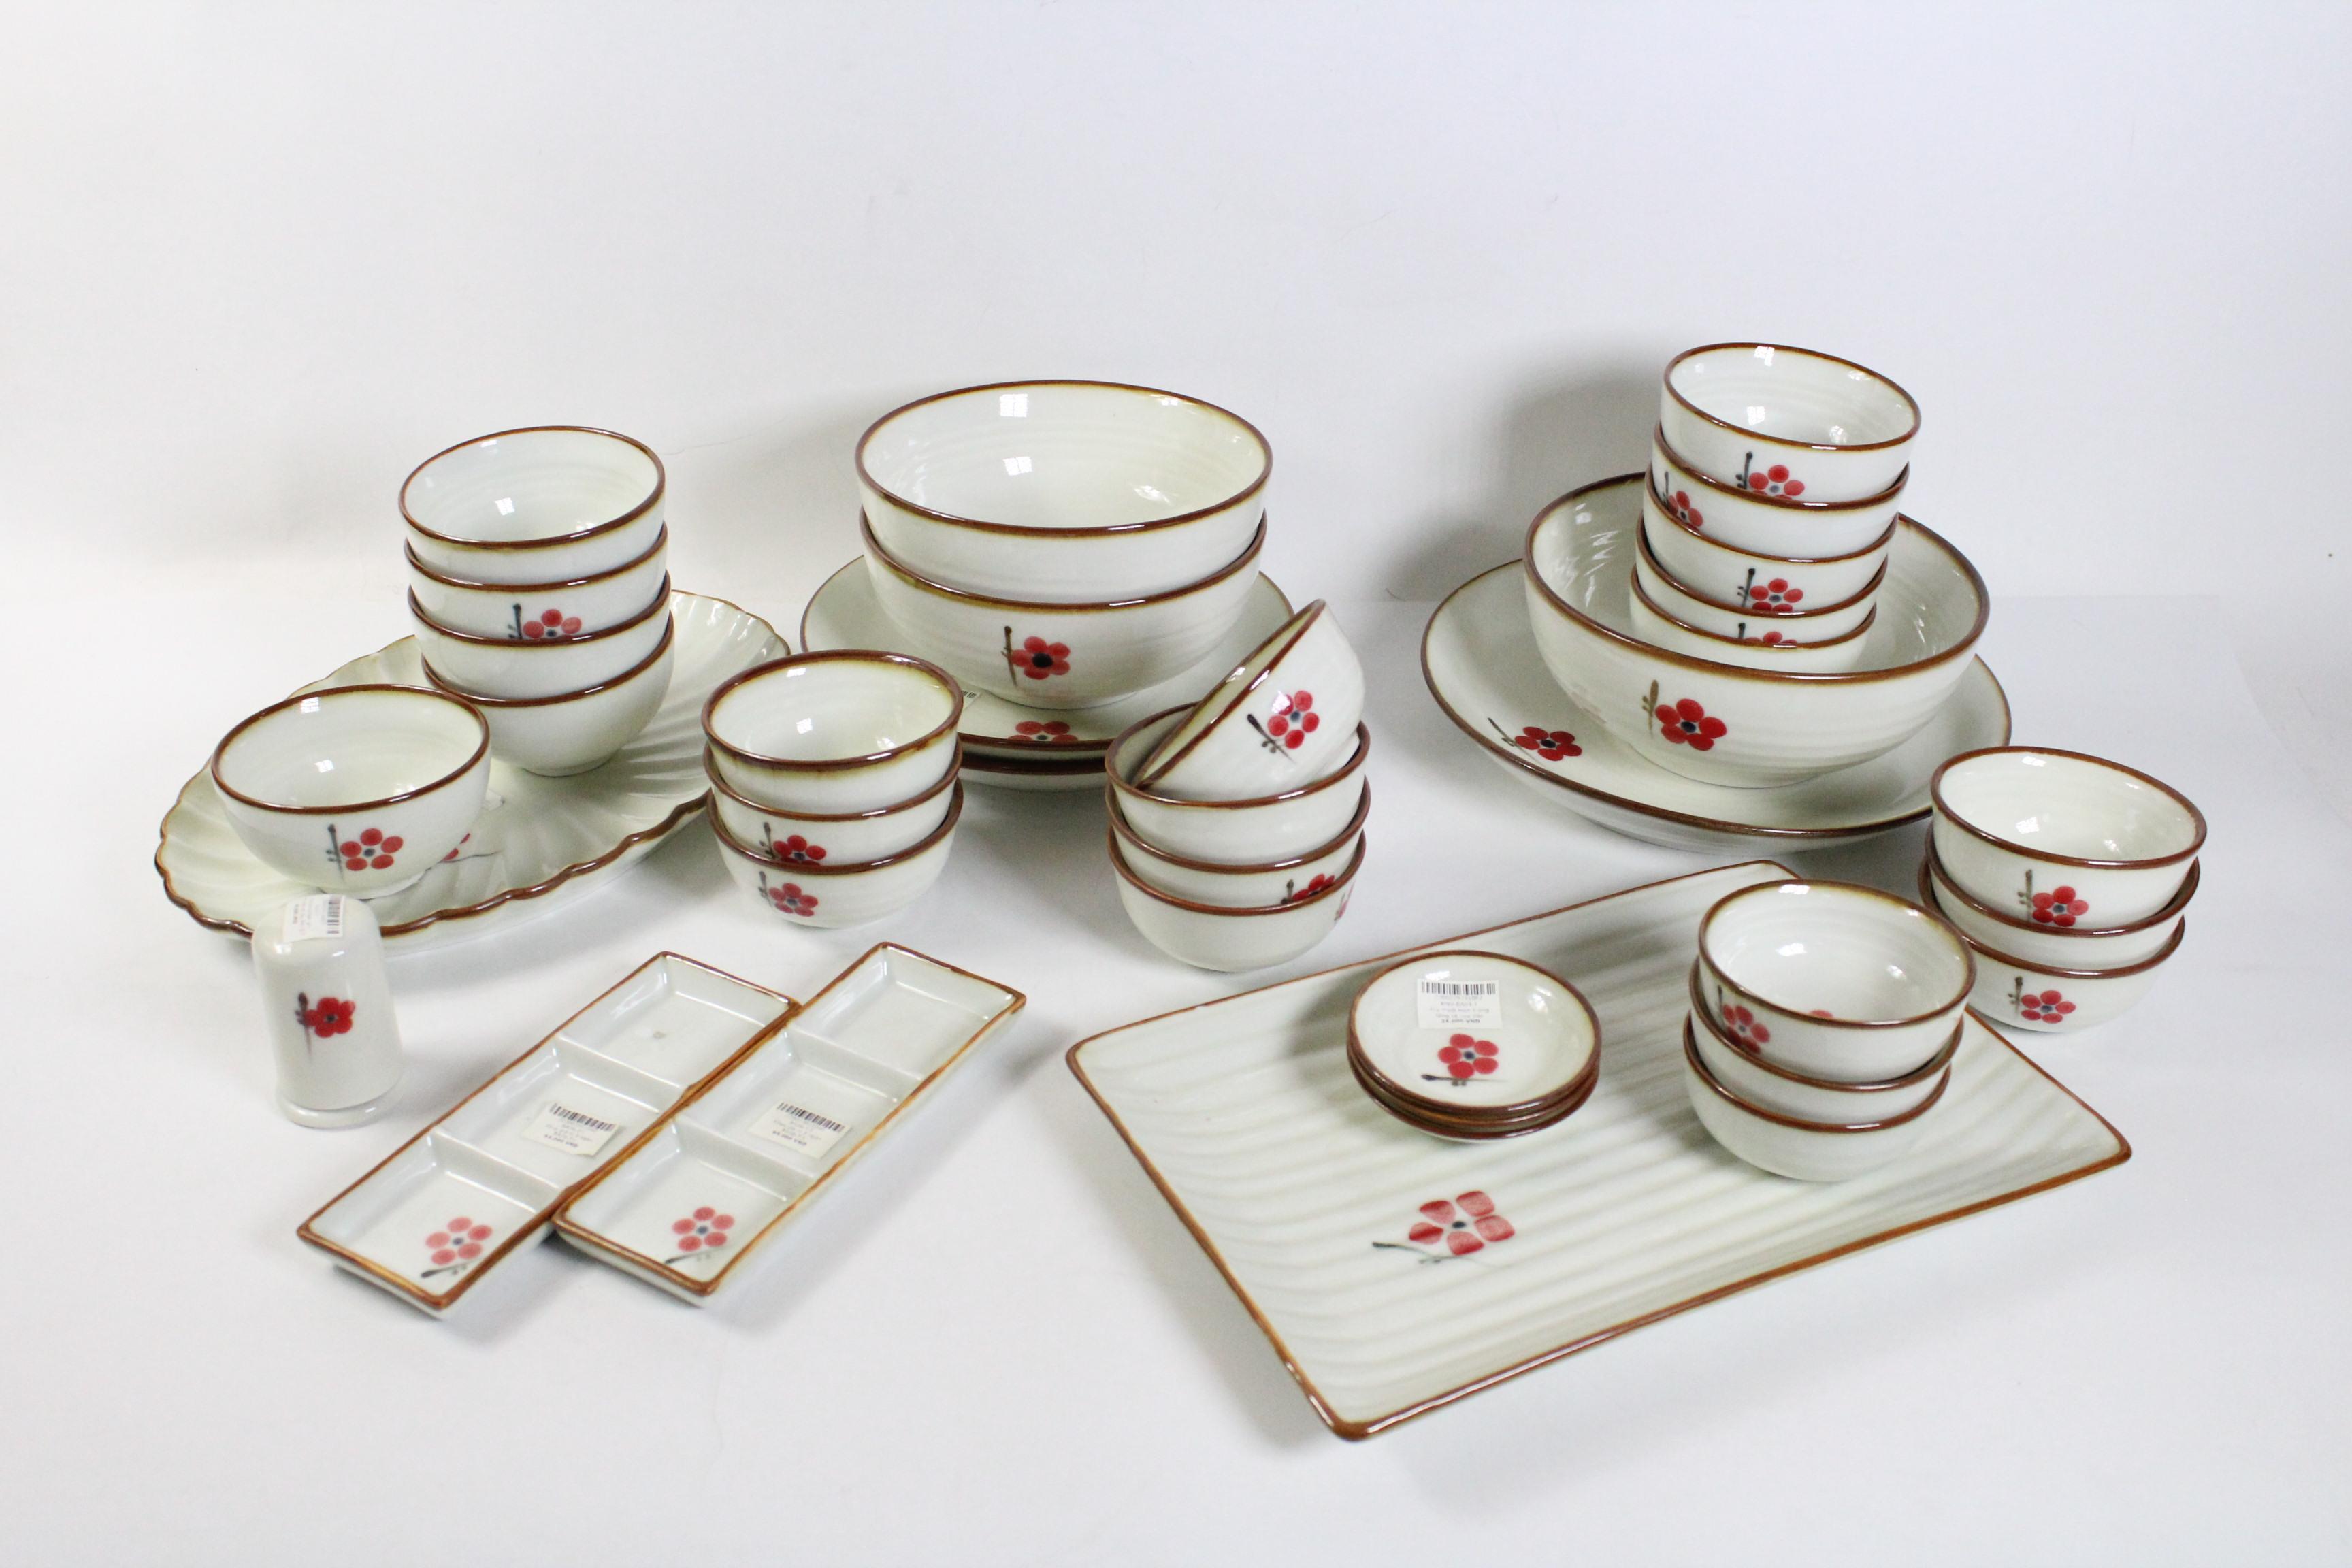 Bộ bàn ăn men kem vẽ hoa đào đỏ 10 người - đặc biệt BBA35-7